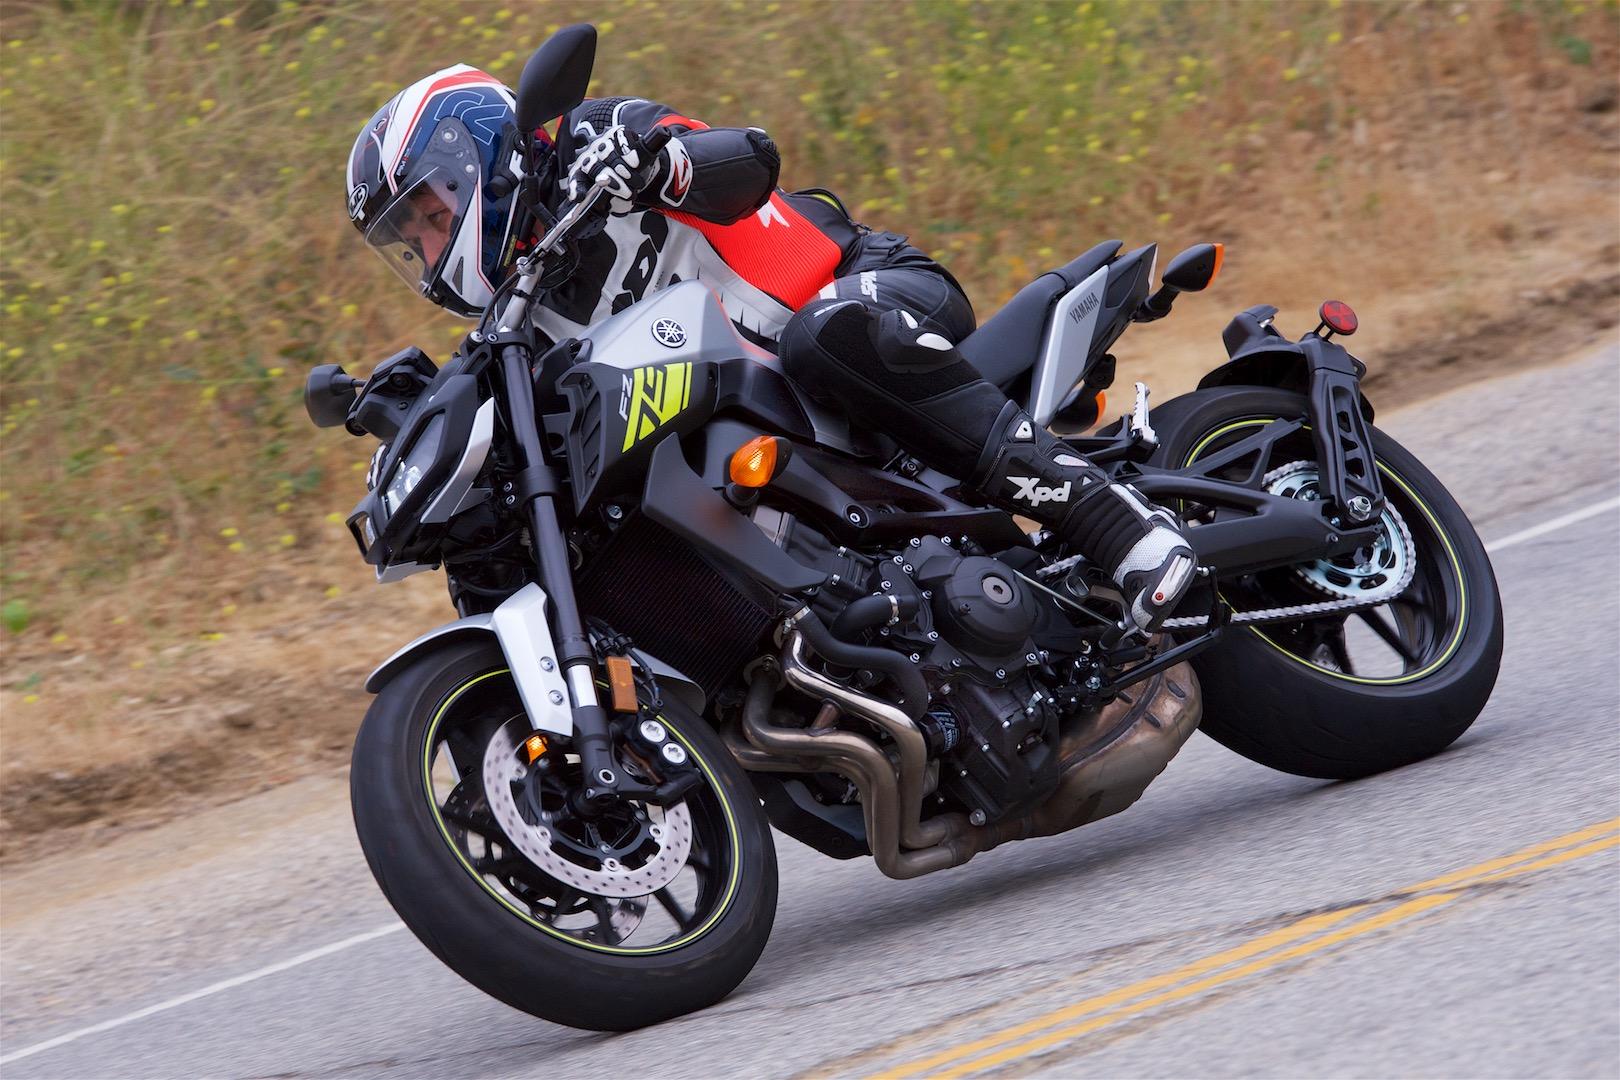 2017 Yamaha FZ-09 test